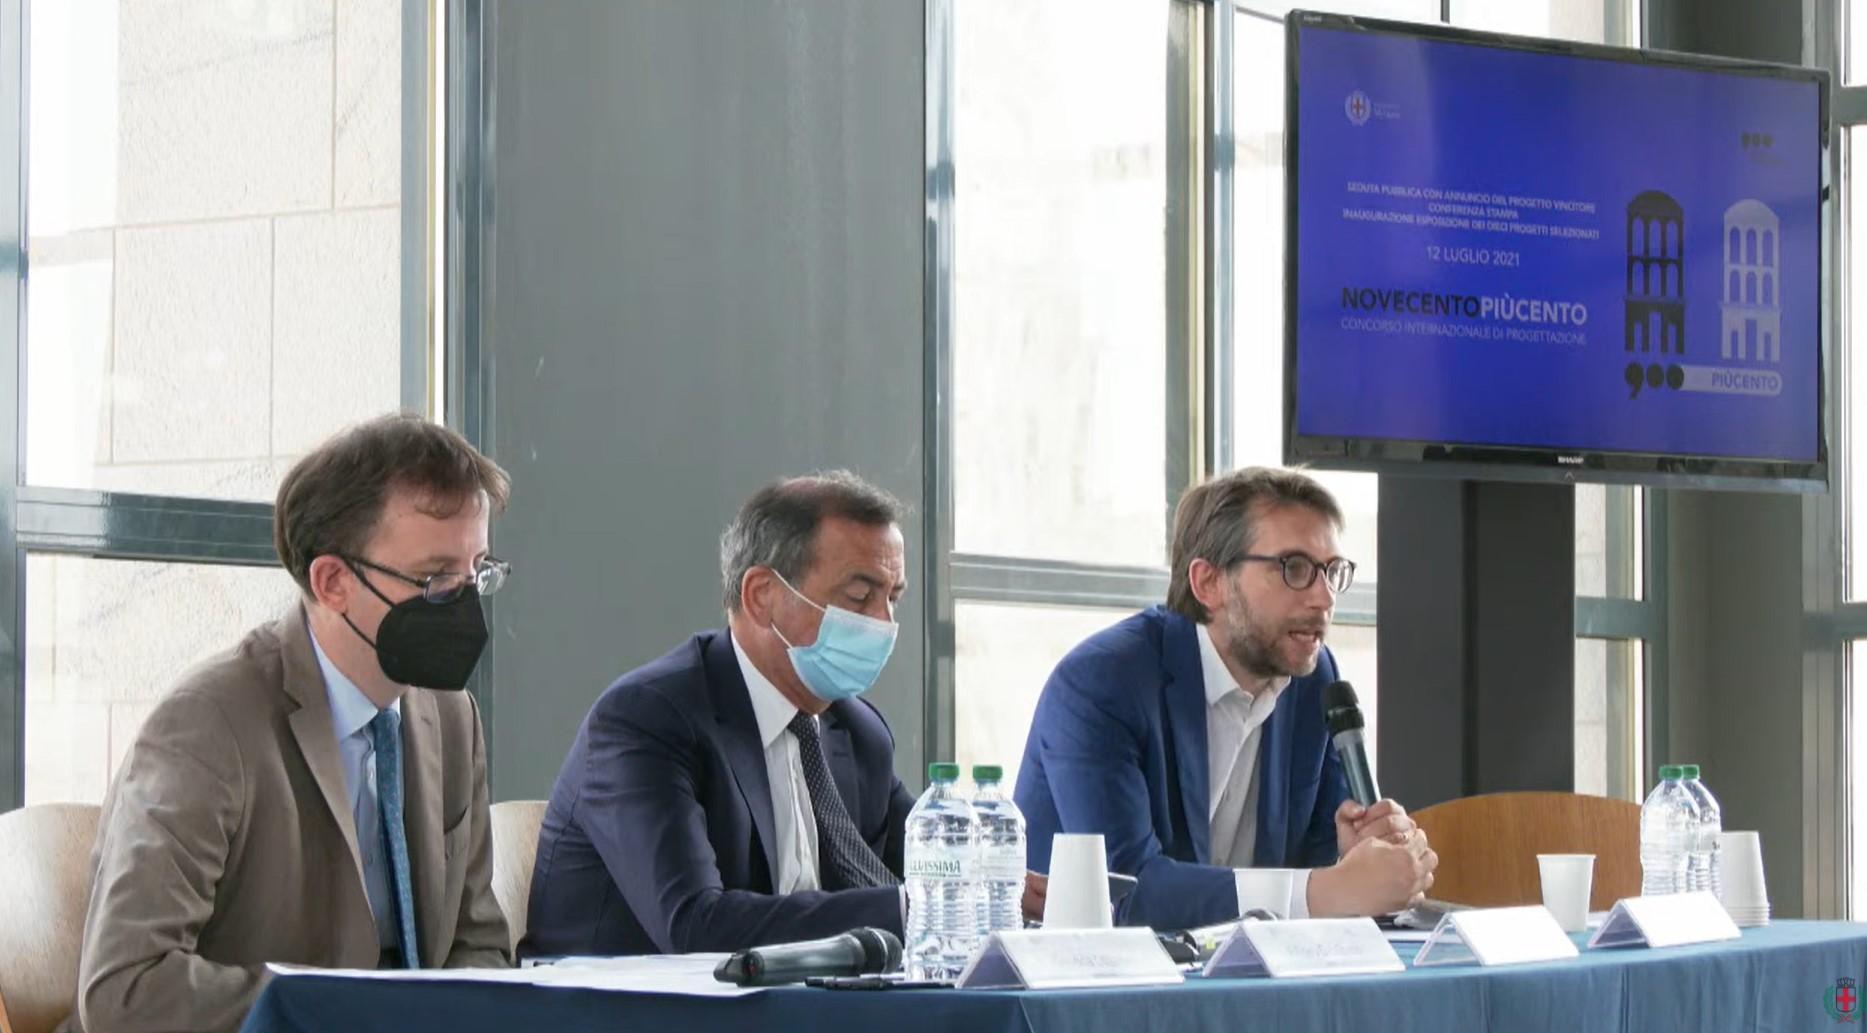 La conferenza stampa di presentazione dei vincitori del Concorso Internazionale di Progettazione Novecentopiùcento